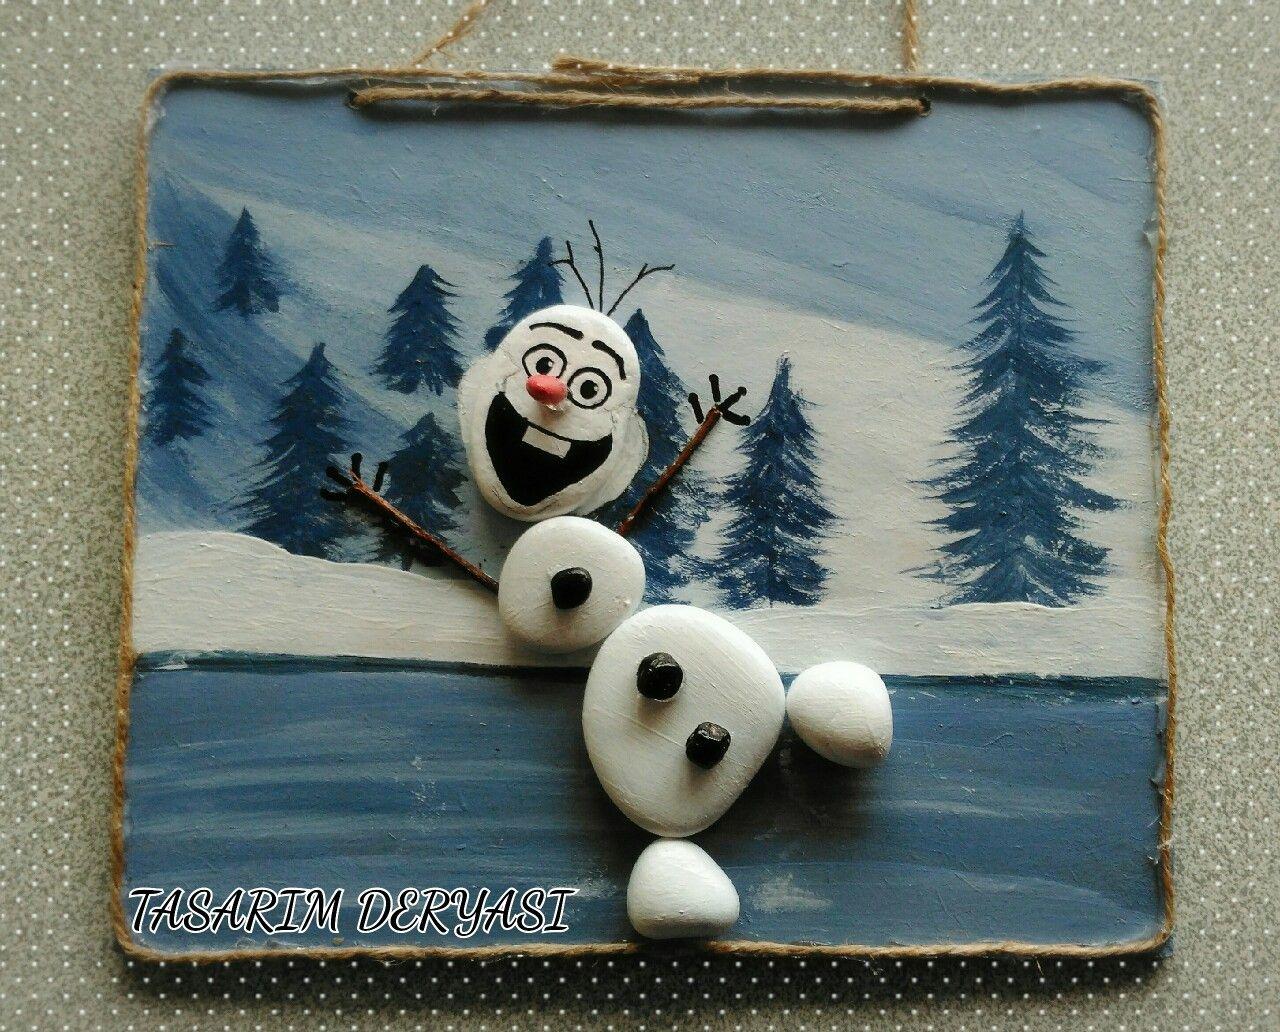 Tas Boyama Olaf Frozen Karlarulkesi Kardan Adam Noel